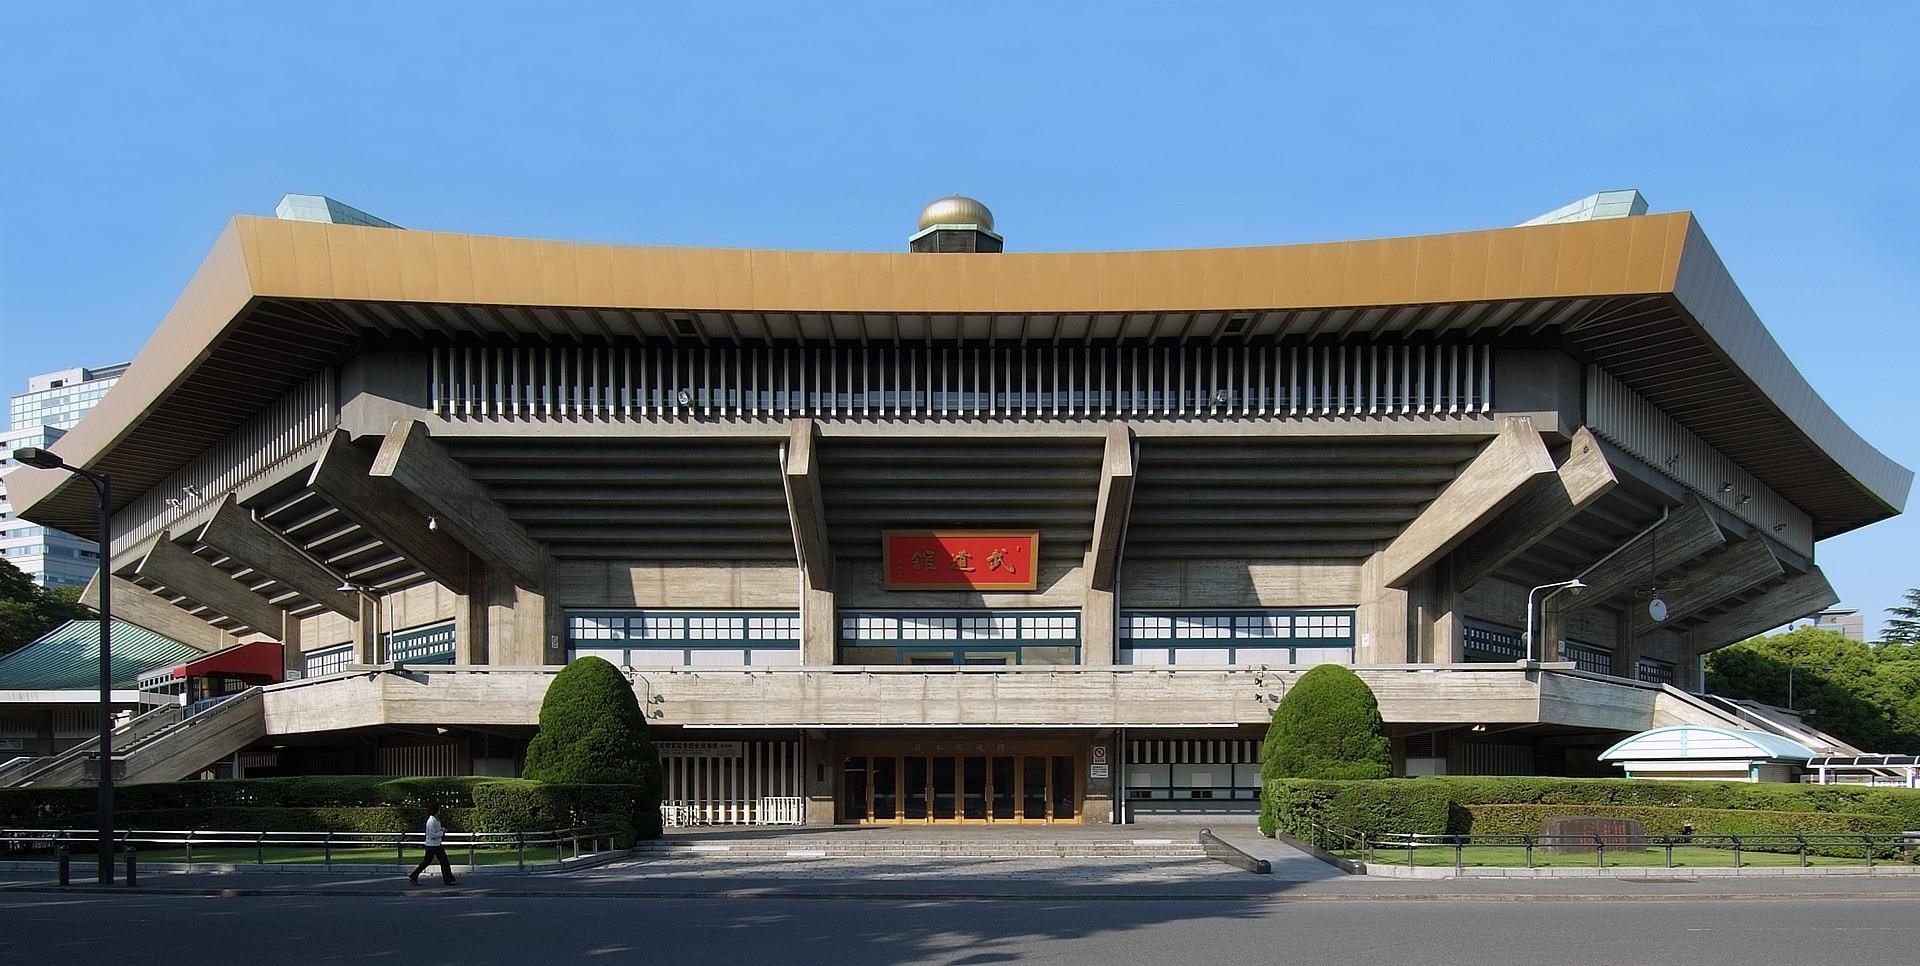 Nippon Budokan Hall Main entrance